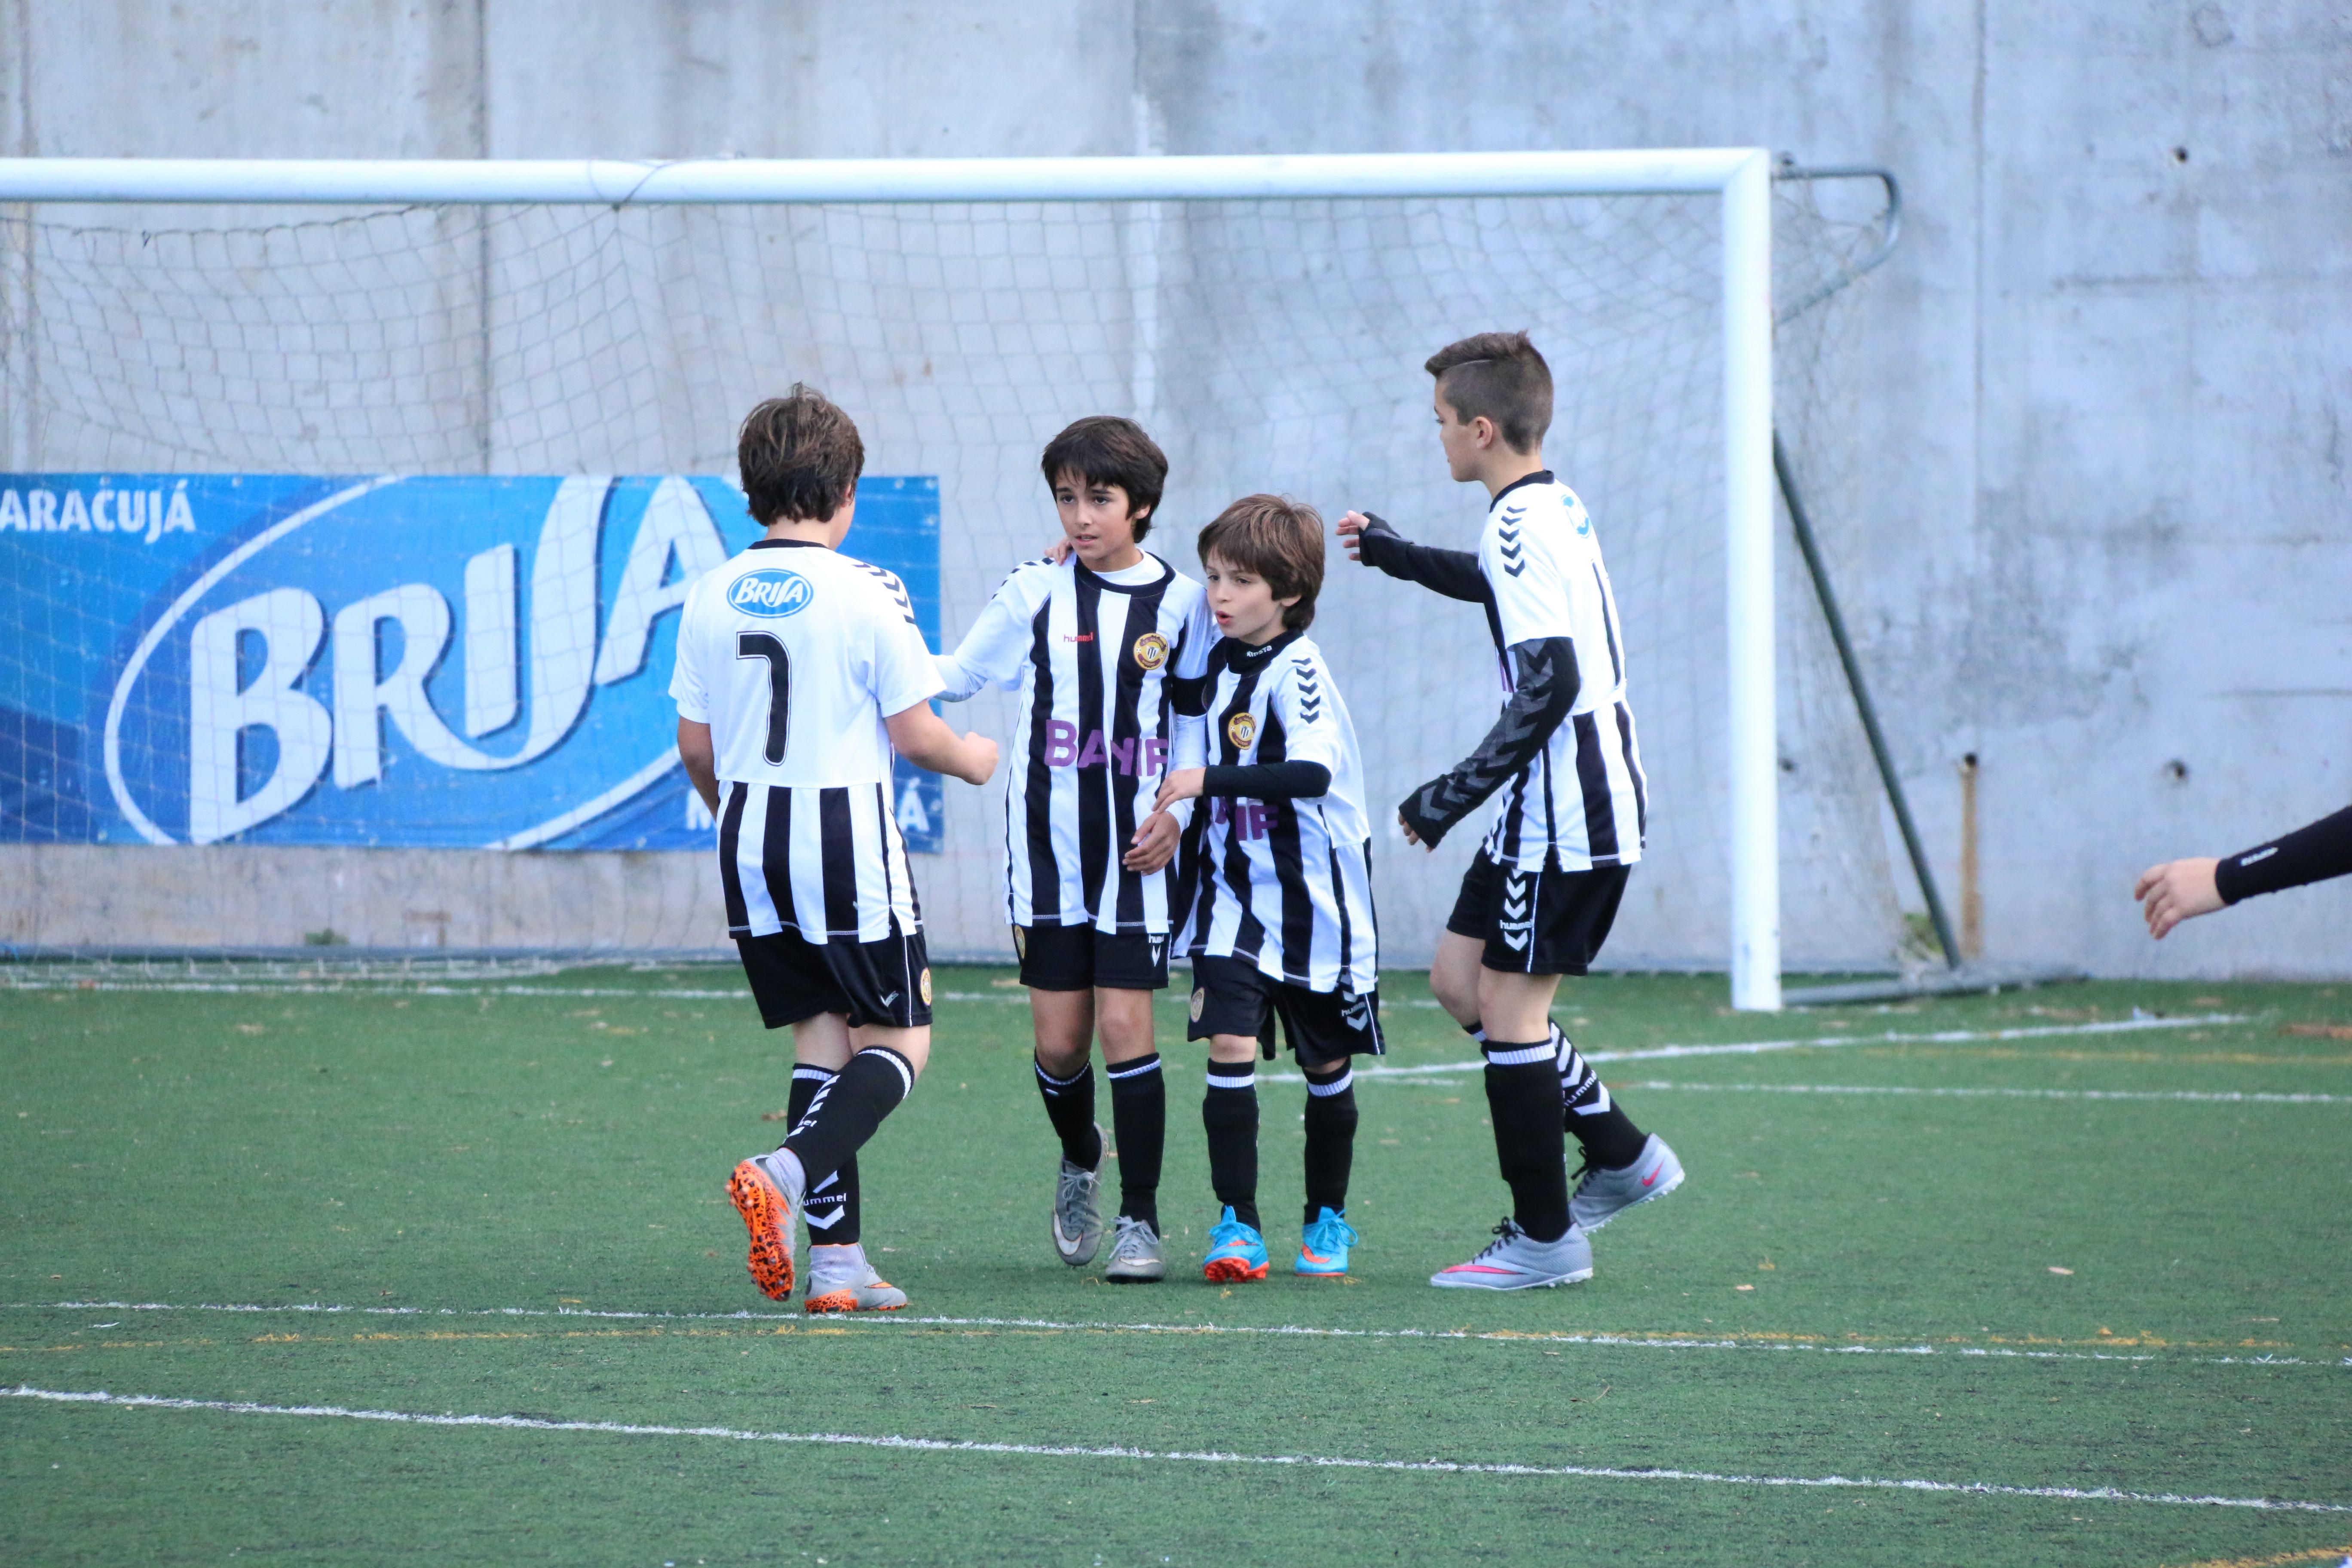 Feirense: Clube Desportivo Nacional Infantis/Benjamins: Resultados